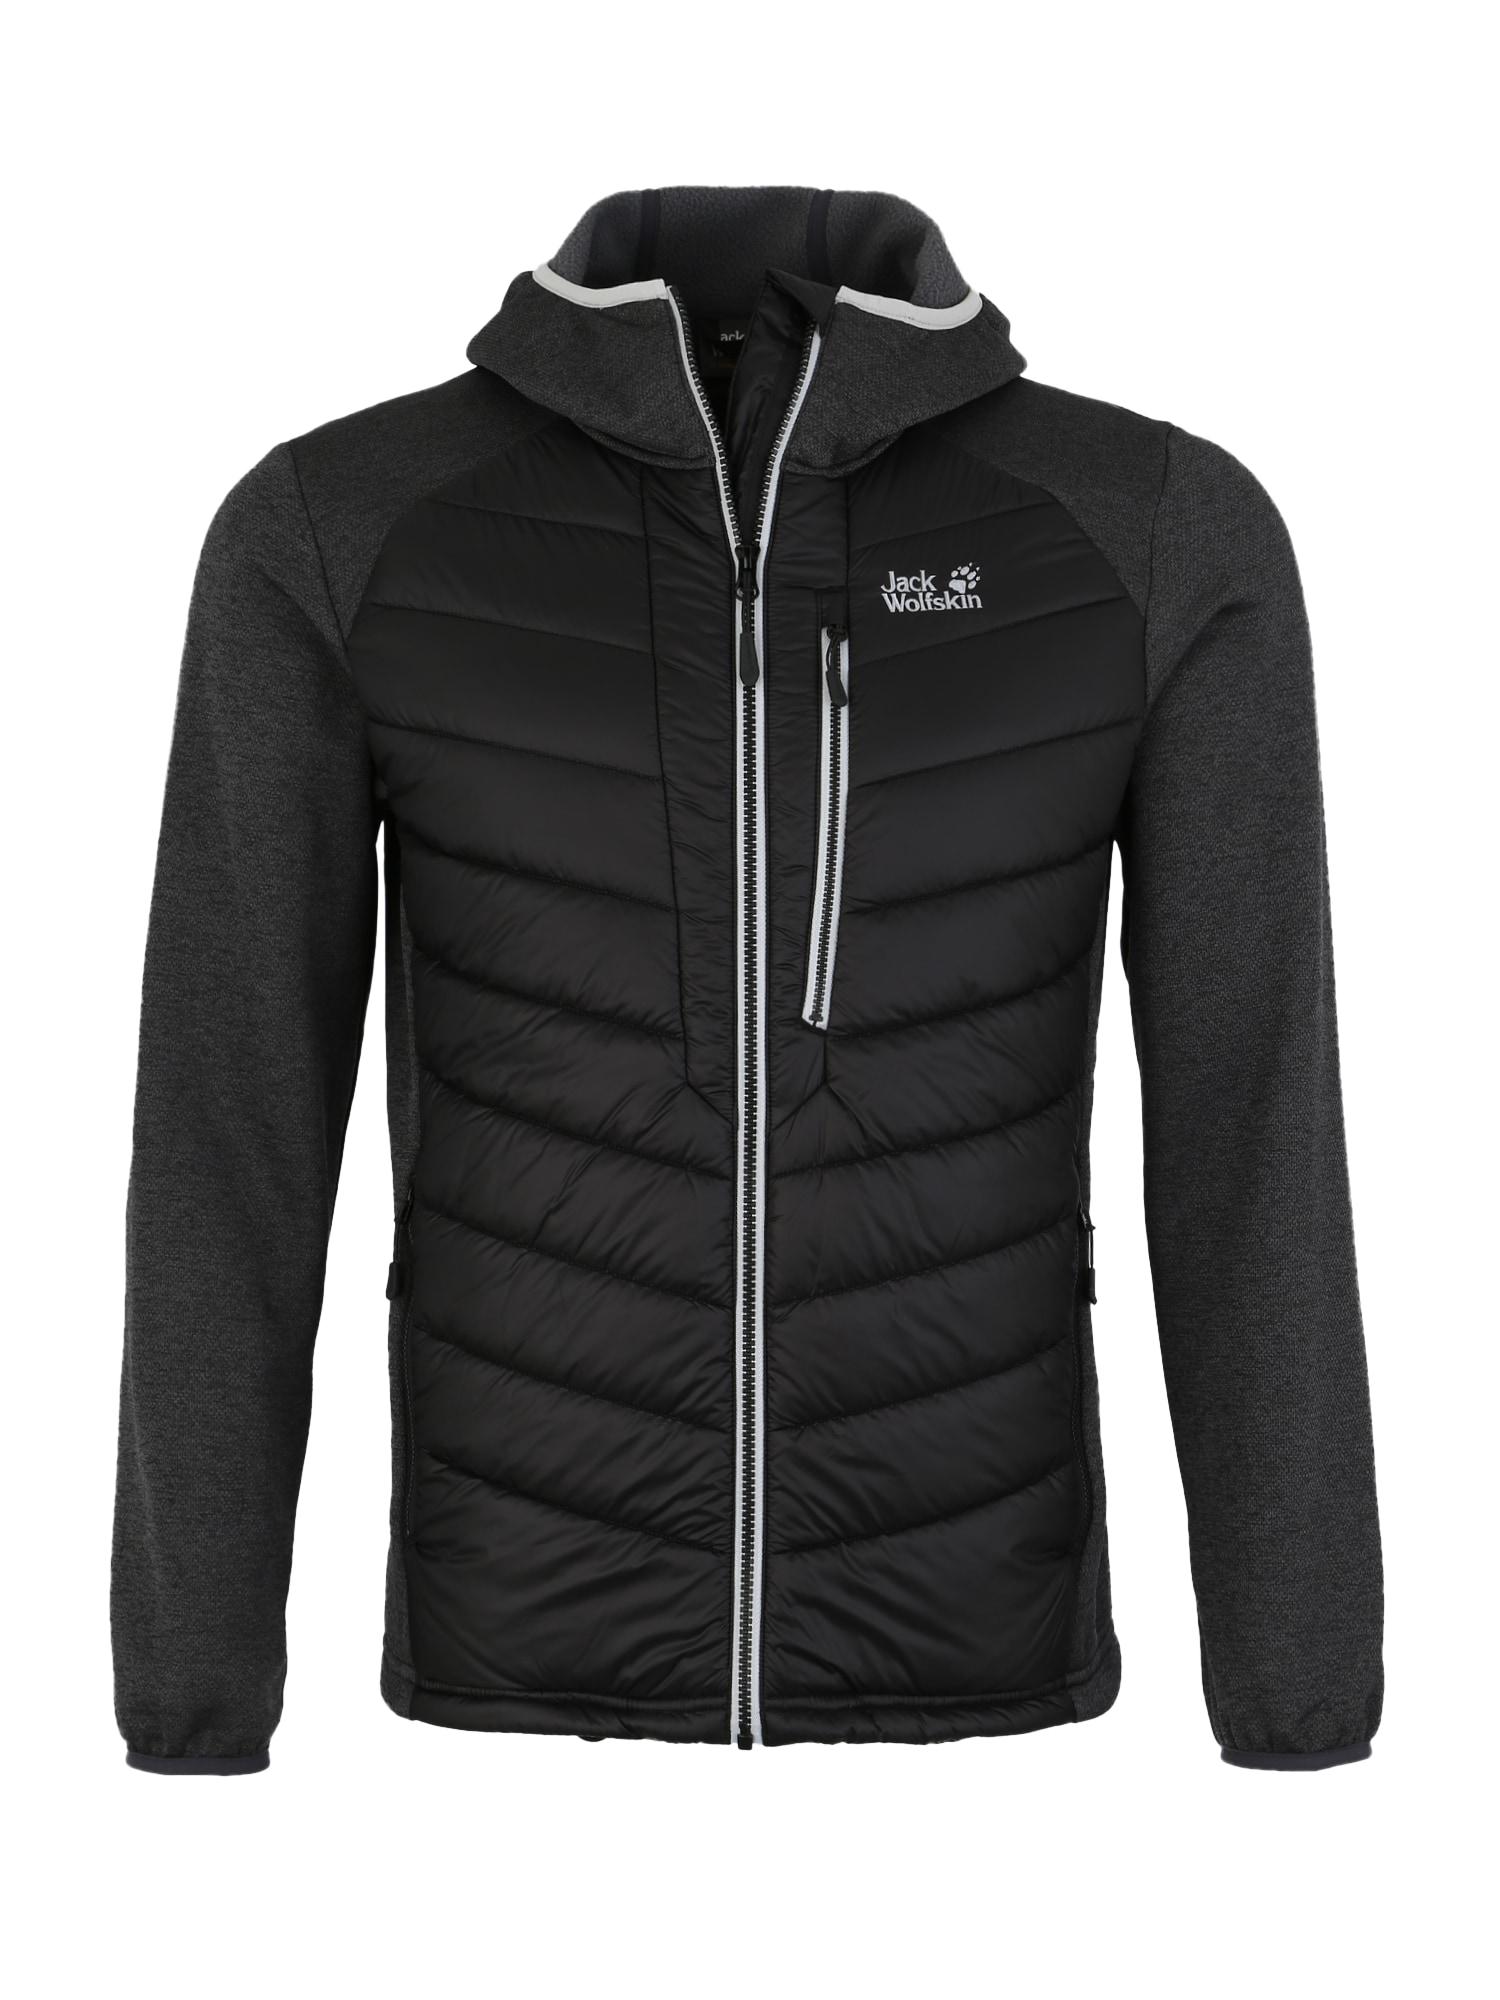 Sportovní bunda SKYLAND CROSSING světle šedá tmavě šedá černá JACK WOLFSKIN